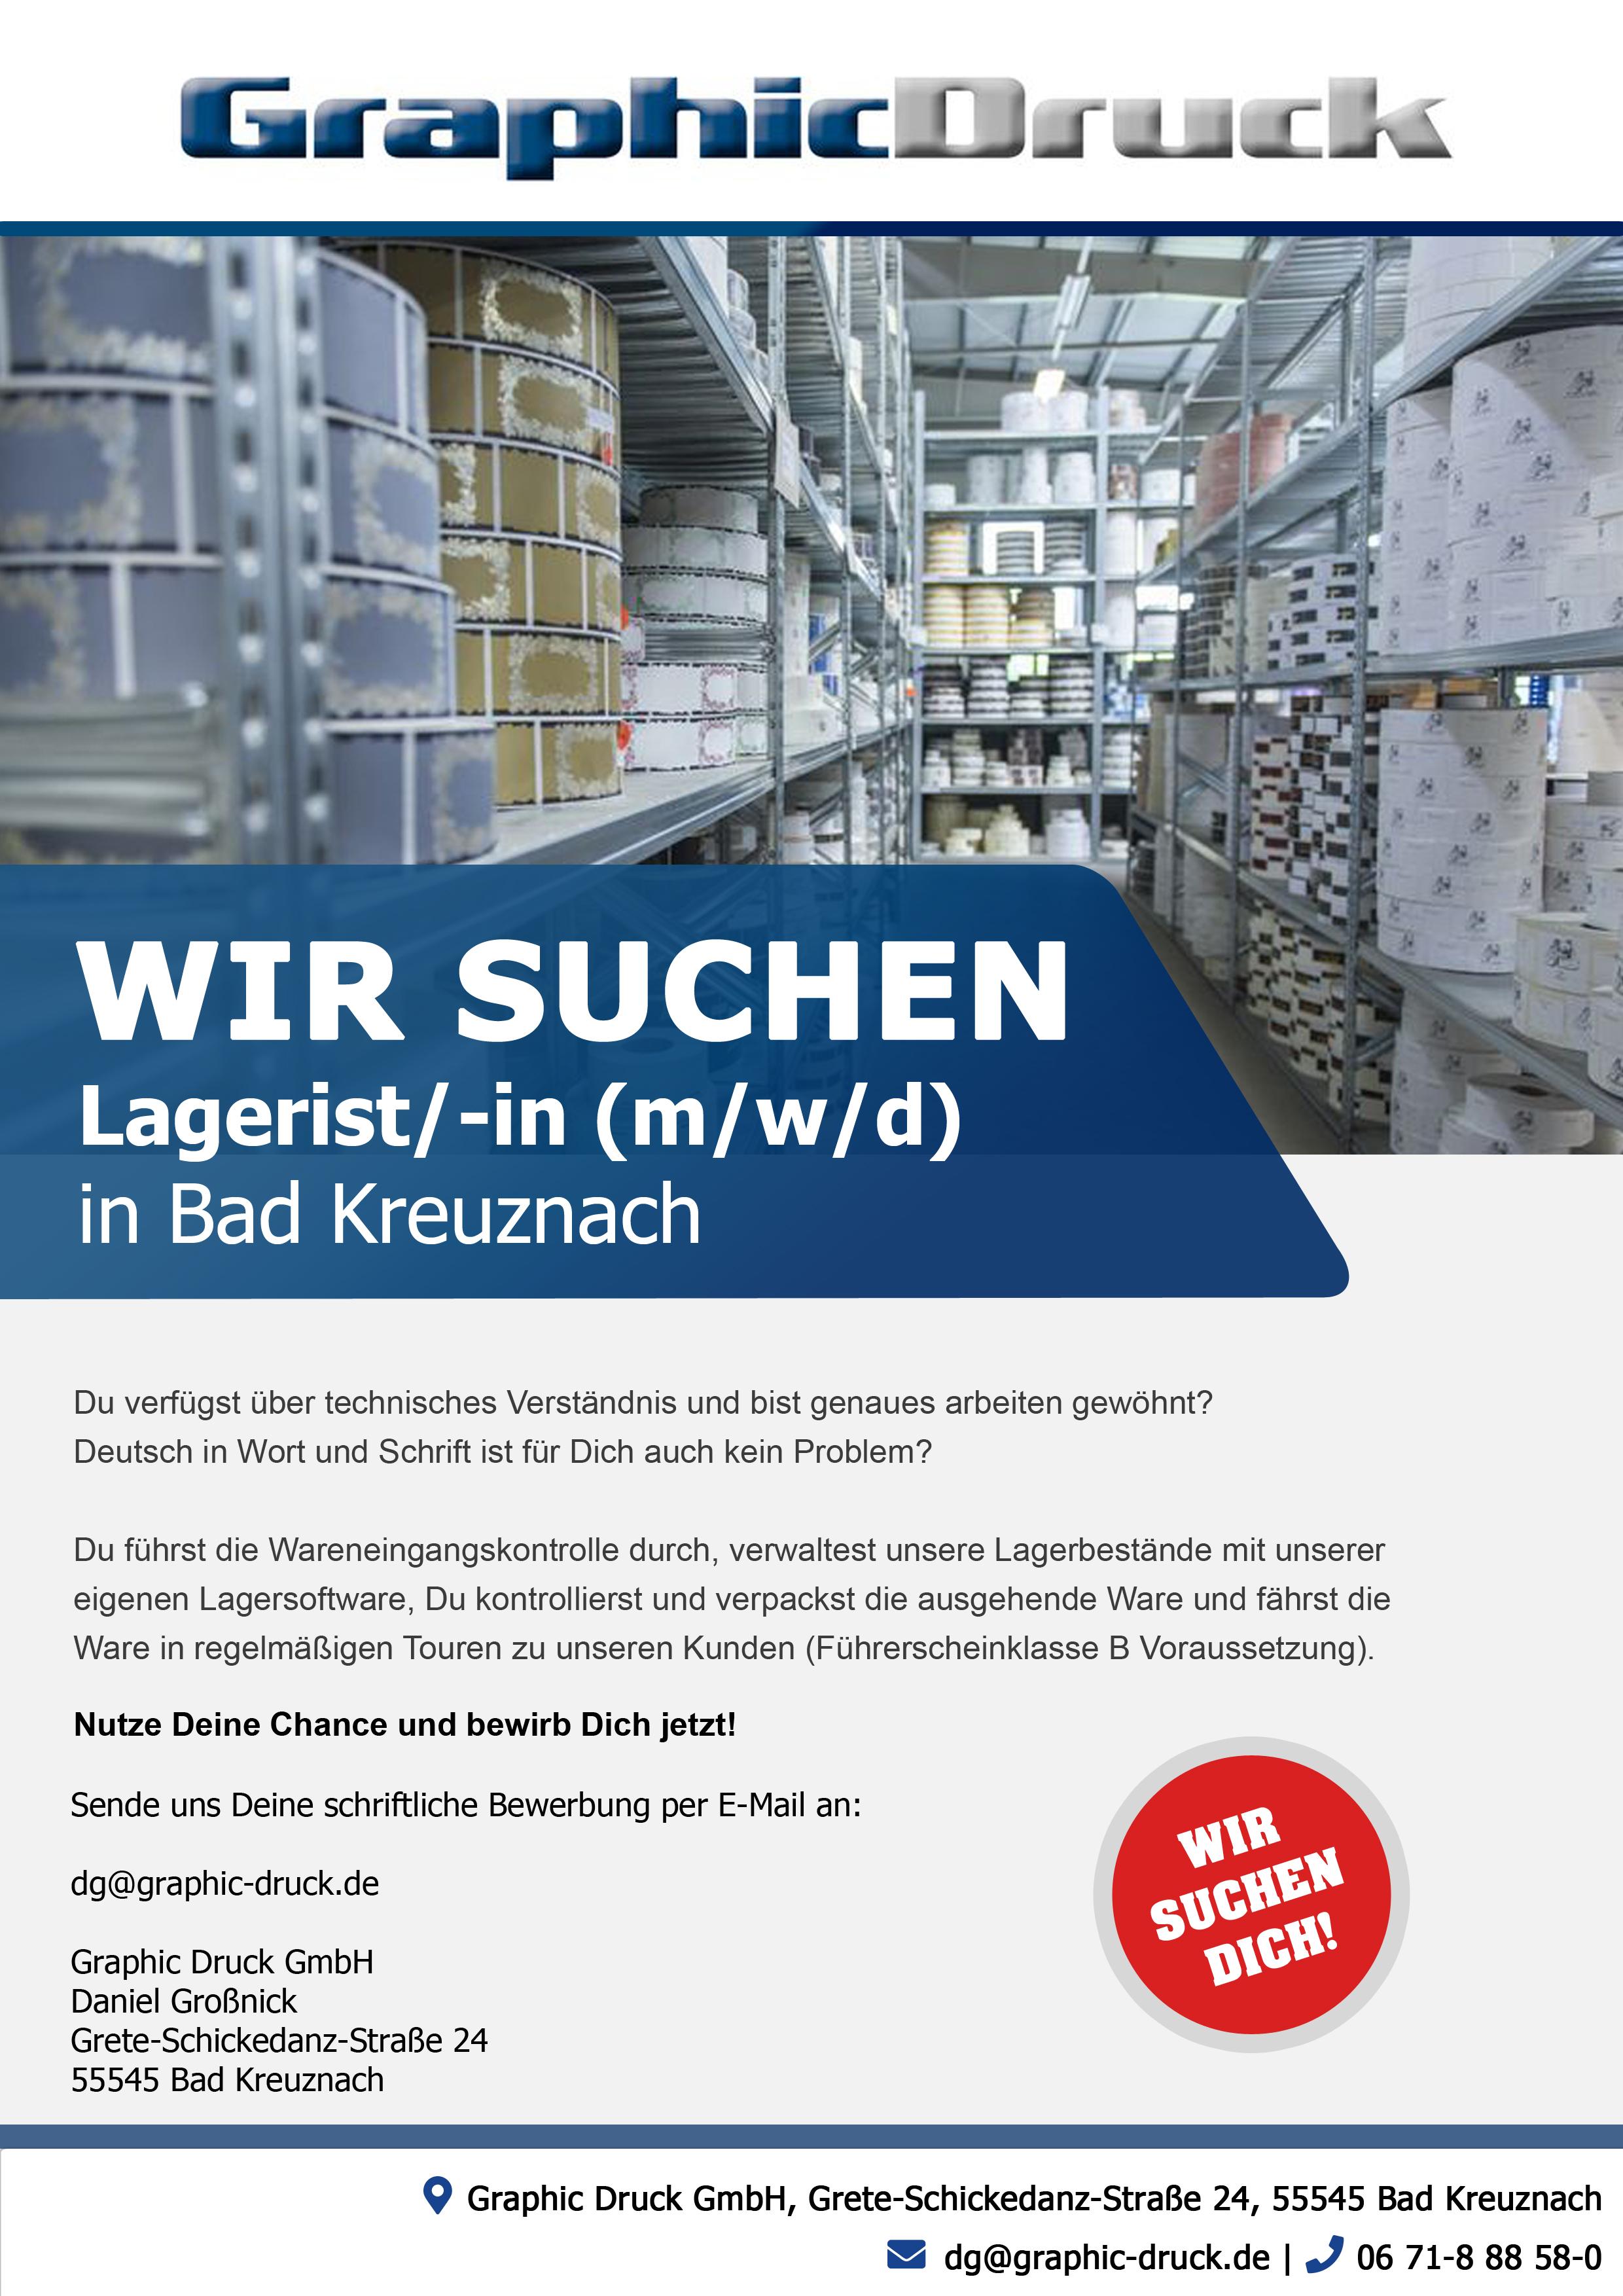 Wir suchen dich! - Lagerist/ -in ( m/w/d ) in Bad Kreuznach